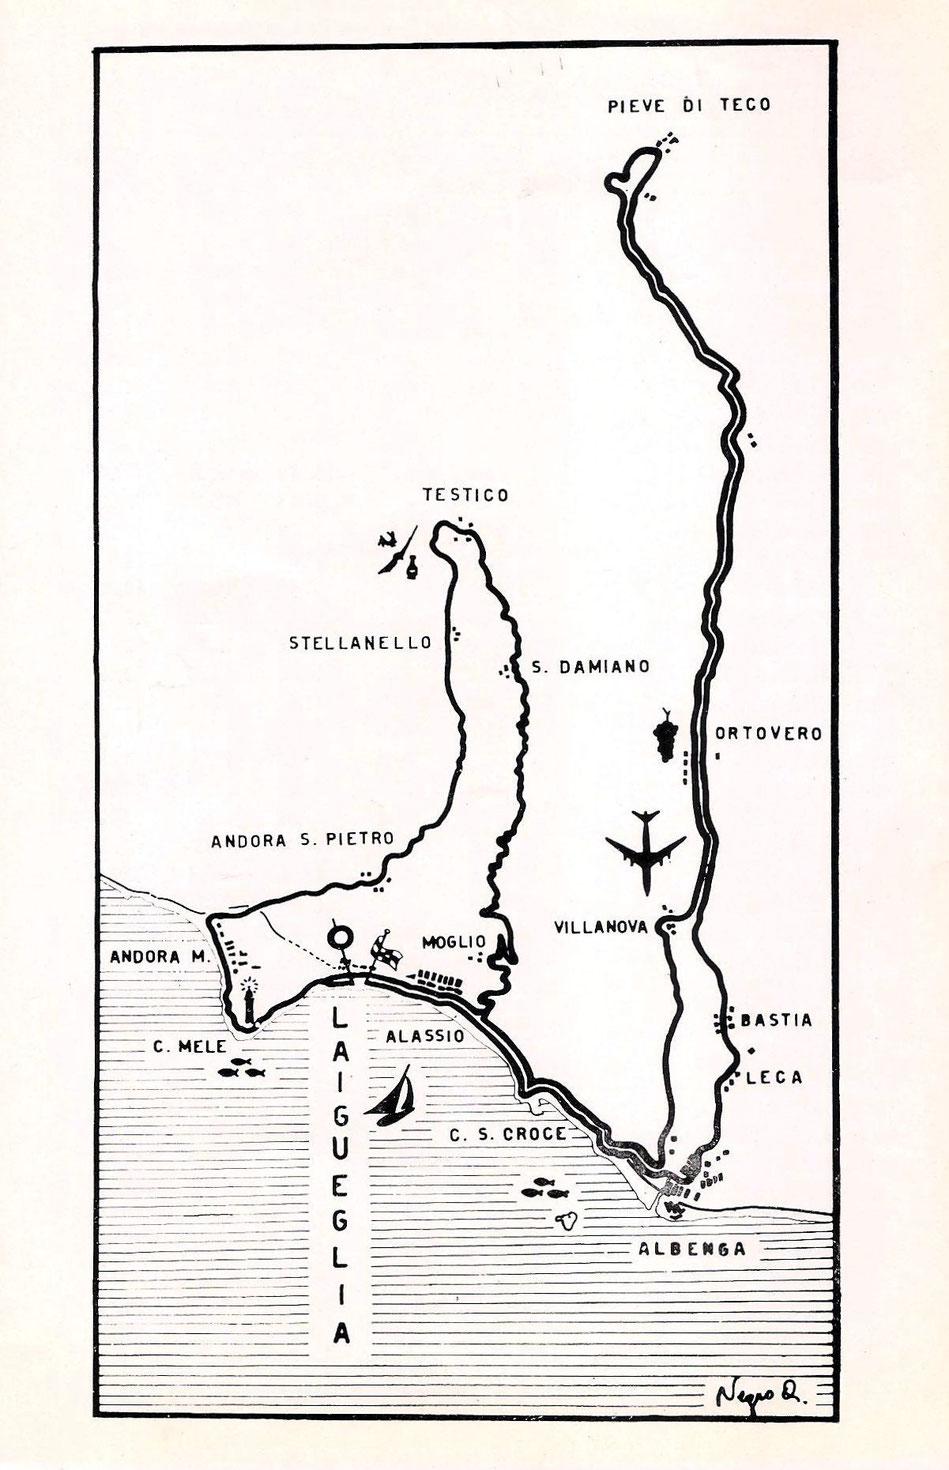 Il percorso prevedeva prima della classica doppia scalata al Testico una puntata in valle Arroscia sino a Pieve di Teco.